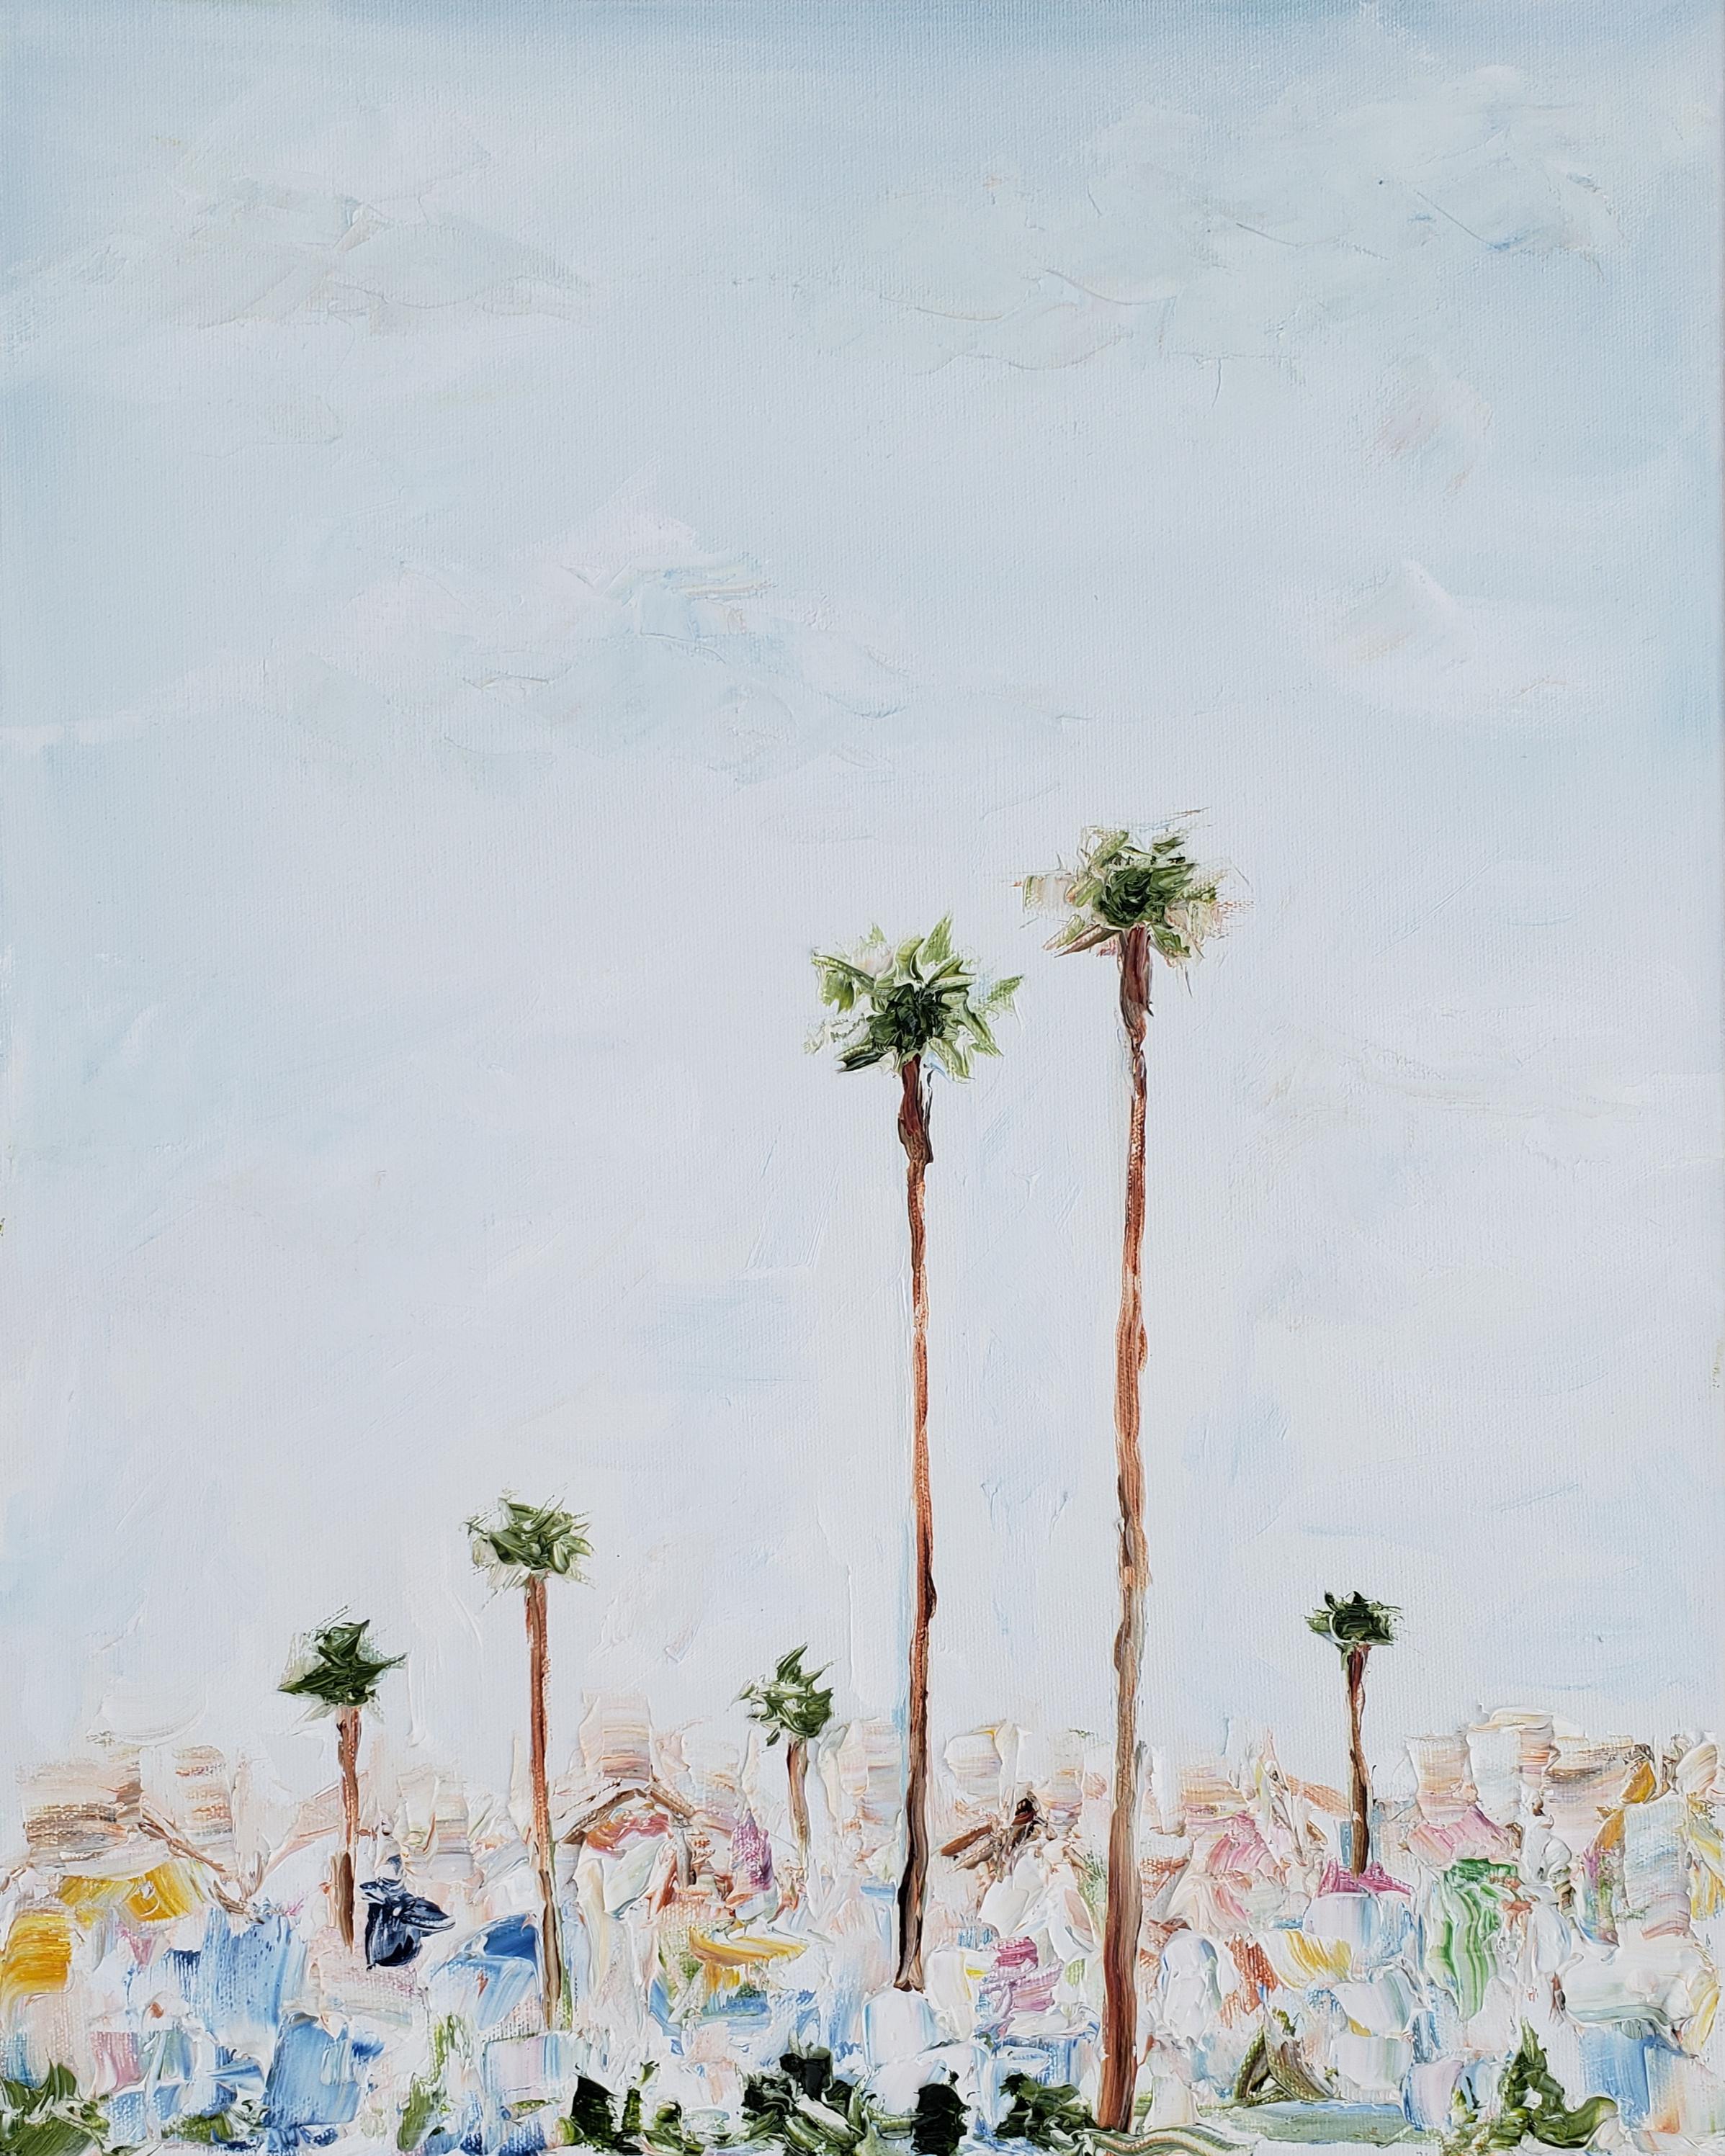 California Skyline | 16x20 | Oil on canvas | $650.00 | SOLD